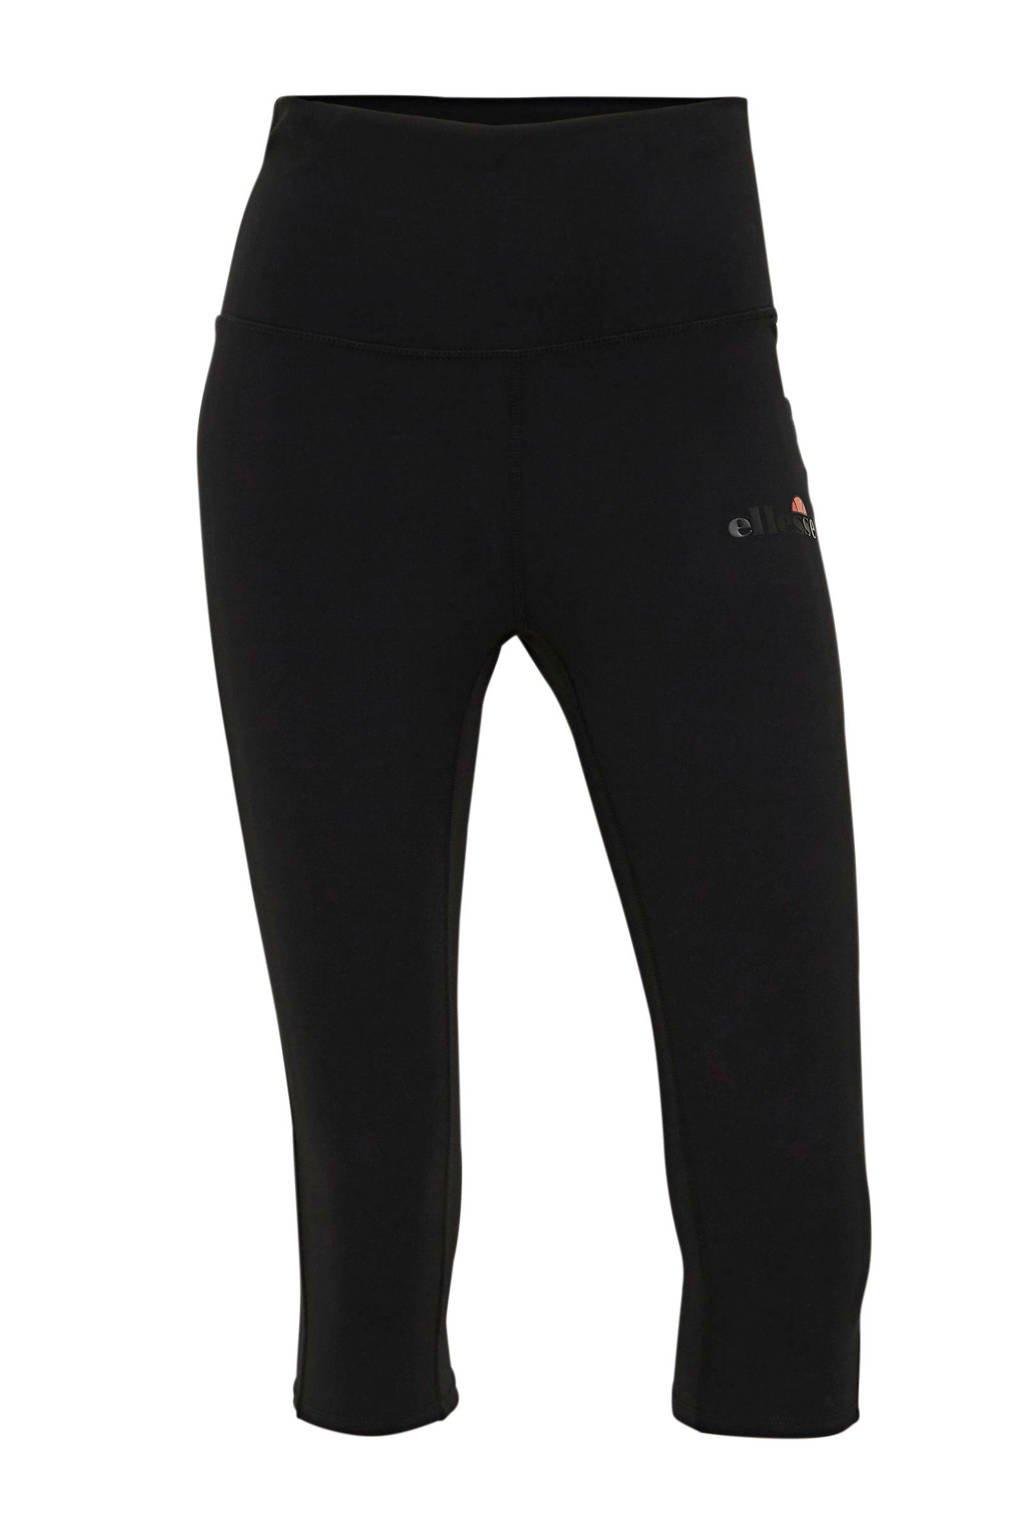 Ellesse broek Lupita met logo zwart, Zwart